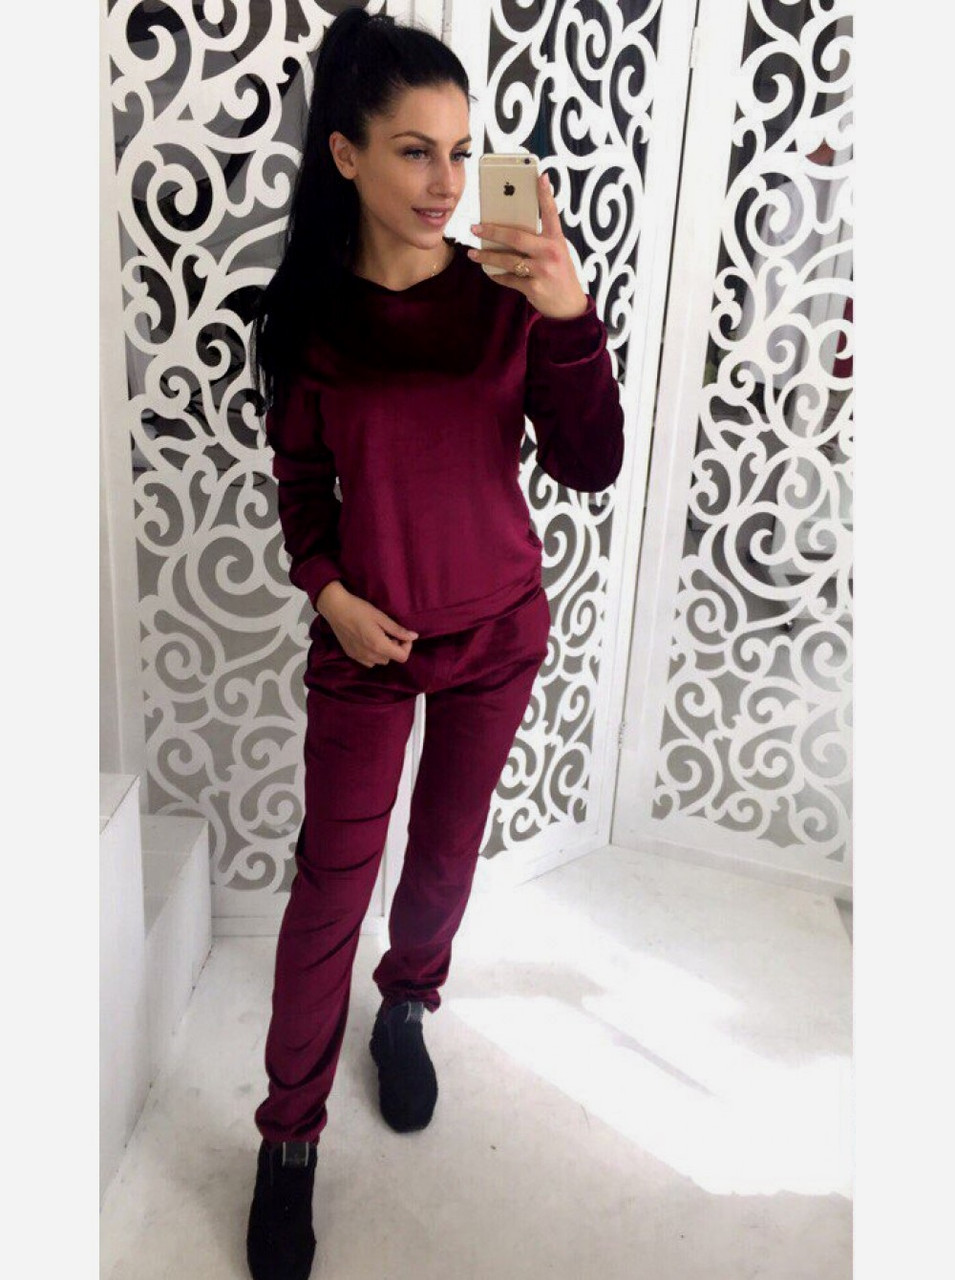 b9d1f08e Бархатный велюровый бархат велюр женский спортивный костюм М-ка бордо  бордовый марсала марсаловый - КОКО